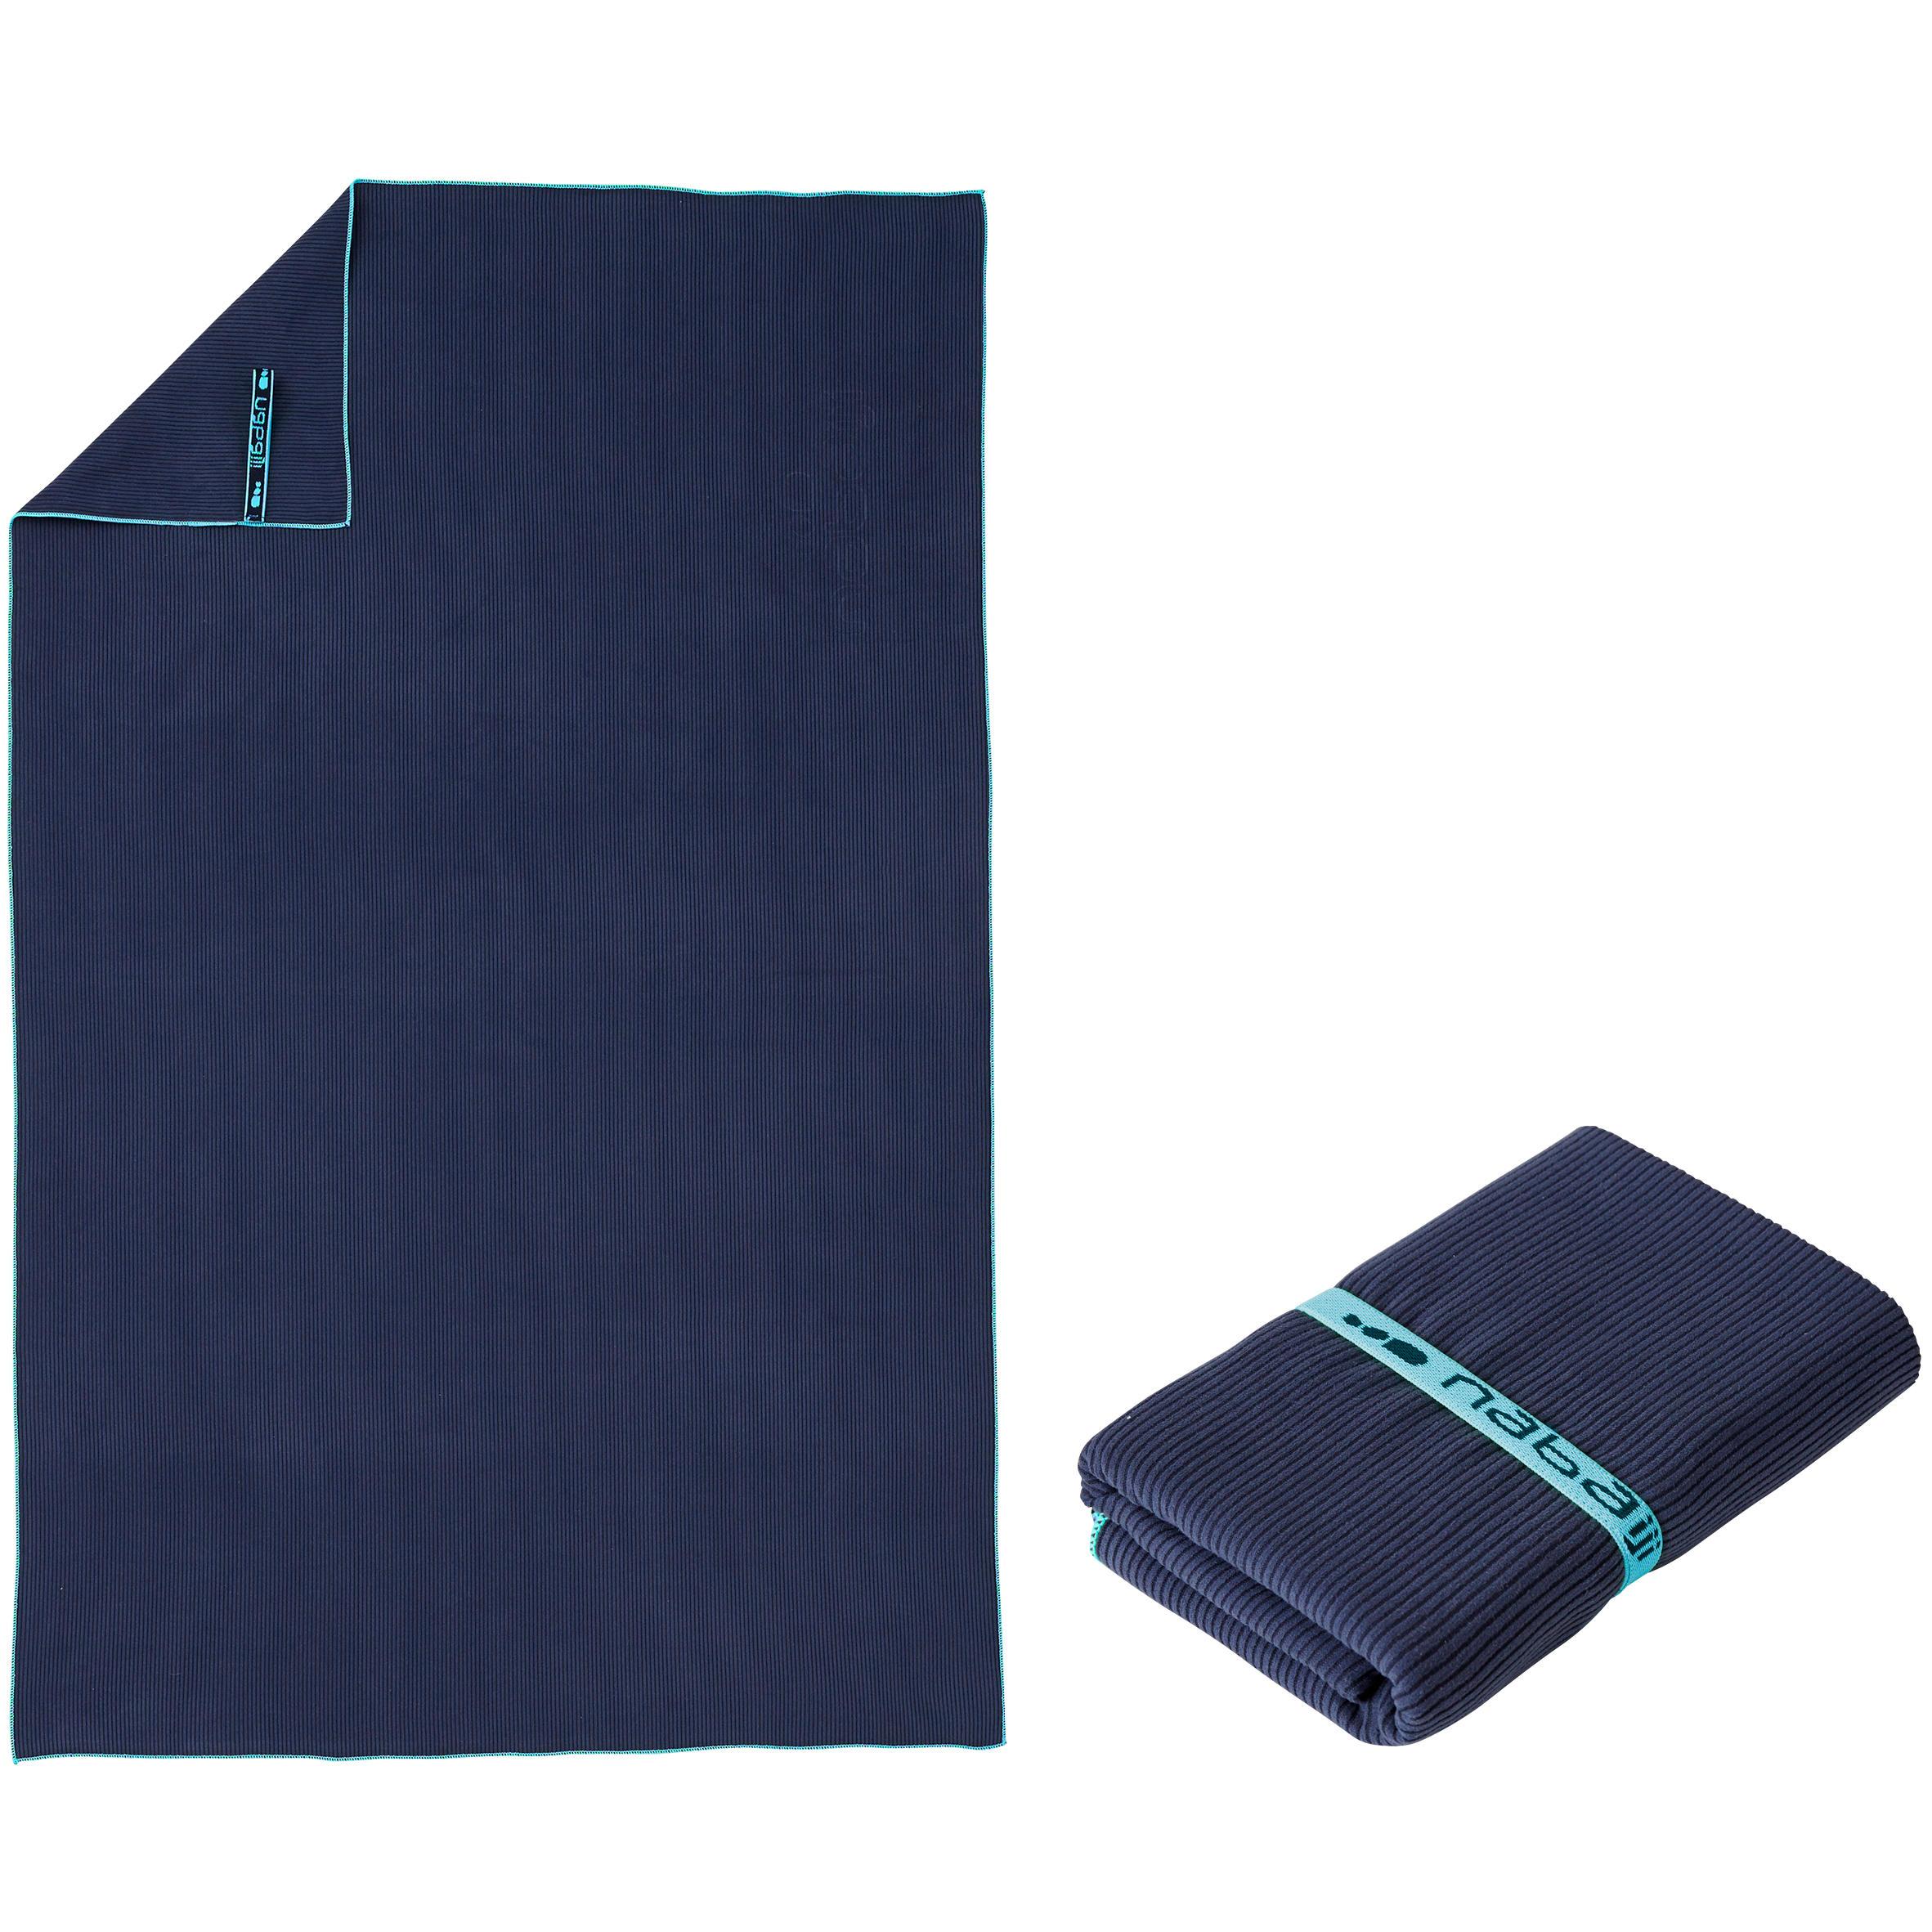 Prosop Microfibră L Albastru